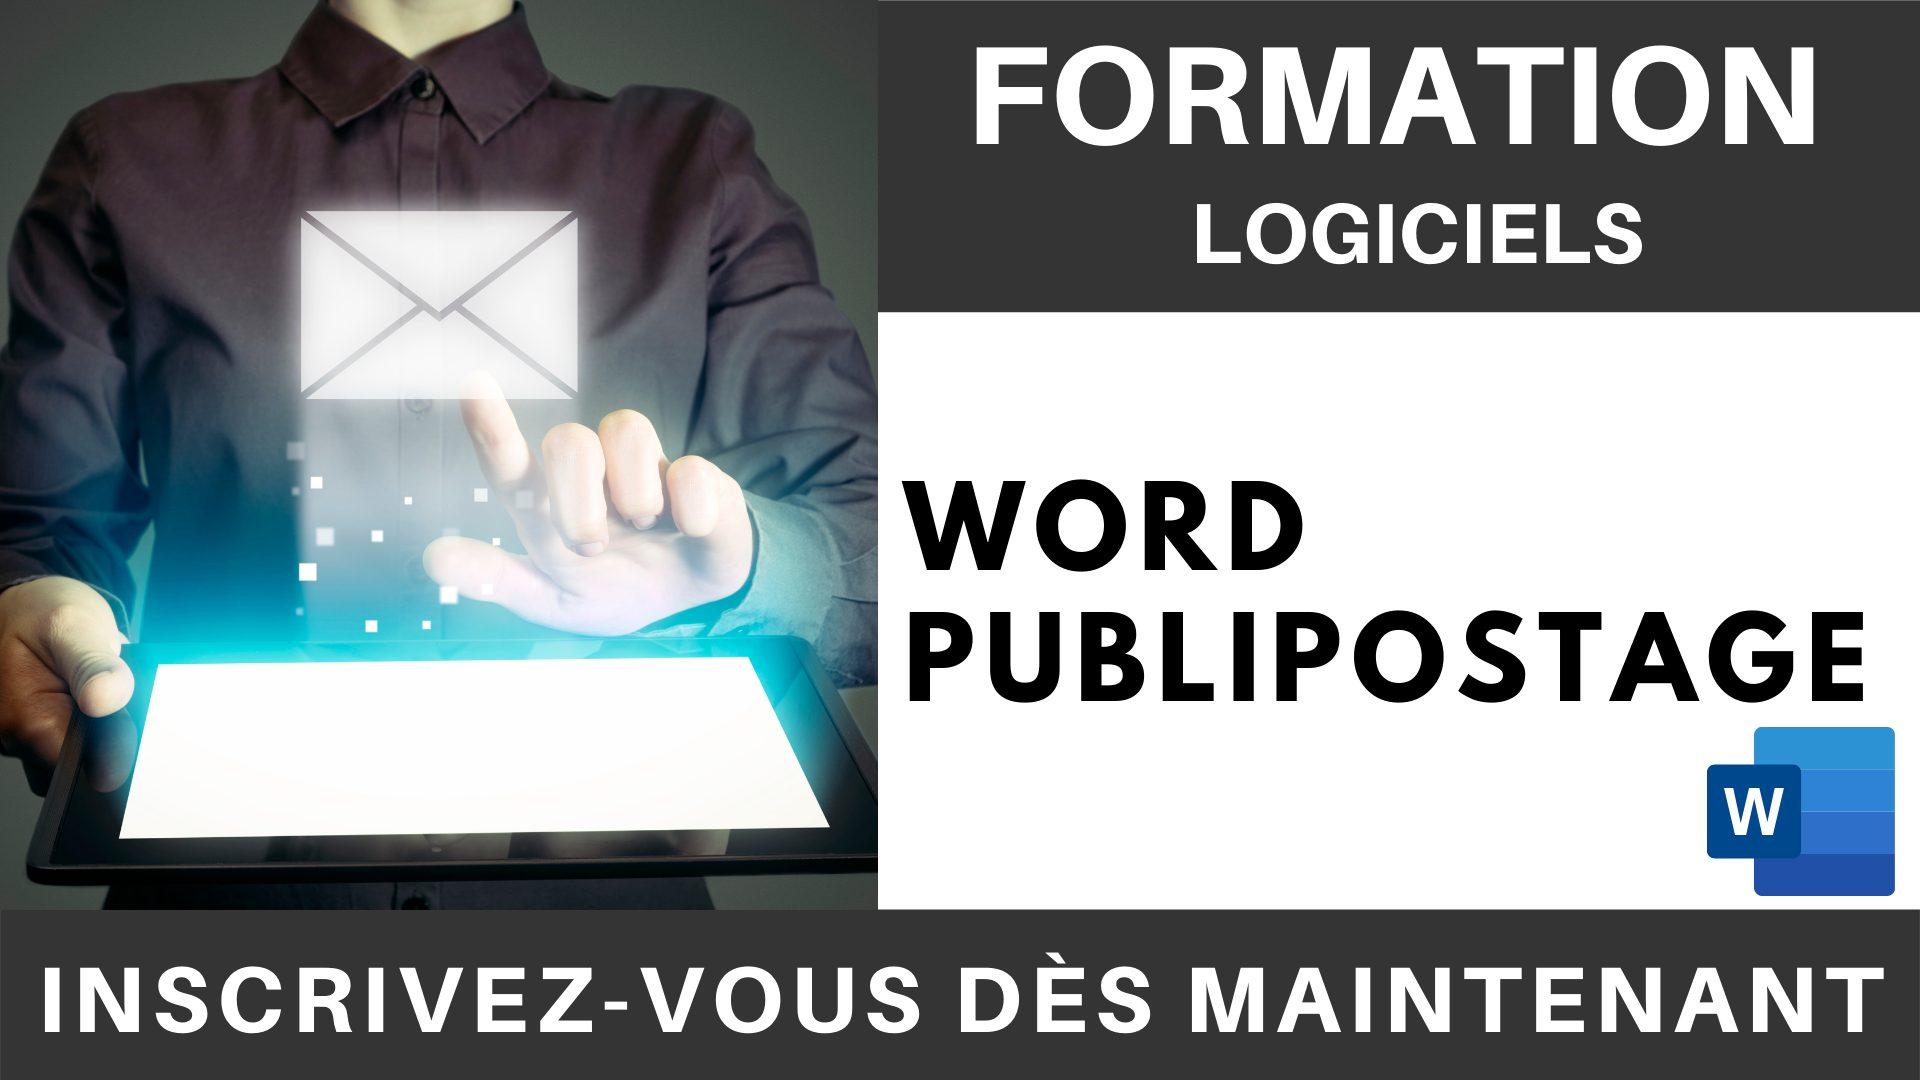 Formation LOGICIEL - Word, Publipostage